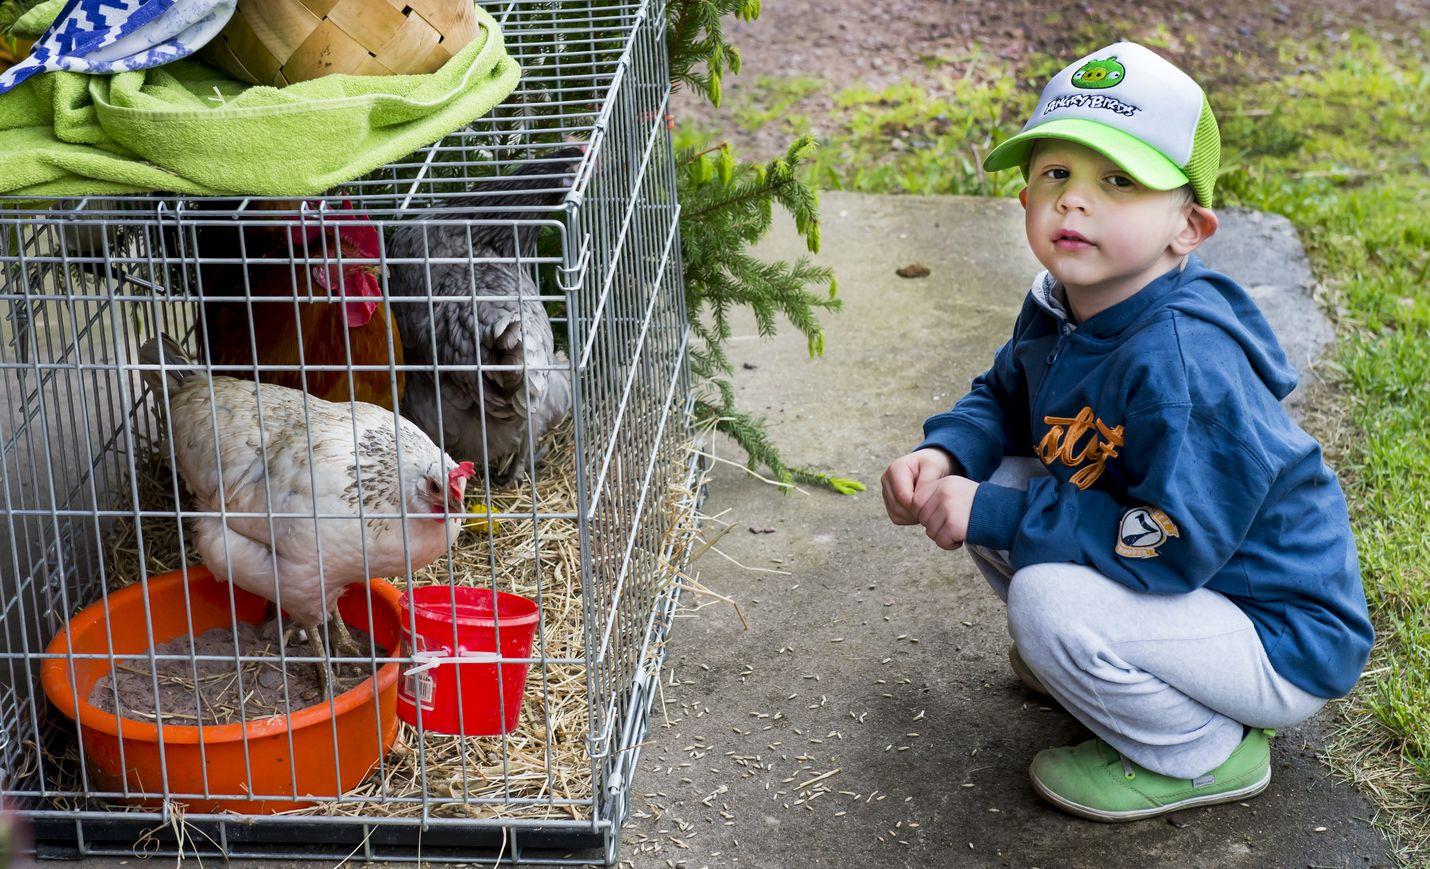 Niklas Raumalta oli tullut paikalle Eurassa asuvan mummunsa kanssa. Niklasta ihastuttivat tilalta löytyvät kotieläimet. Kuva: Esa Urhonen